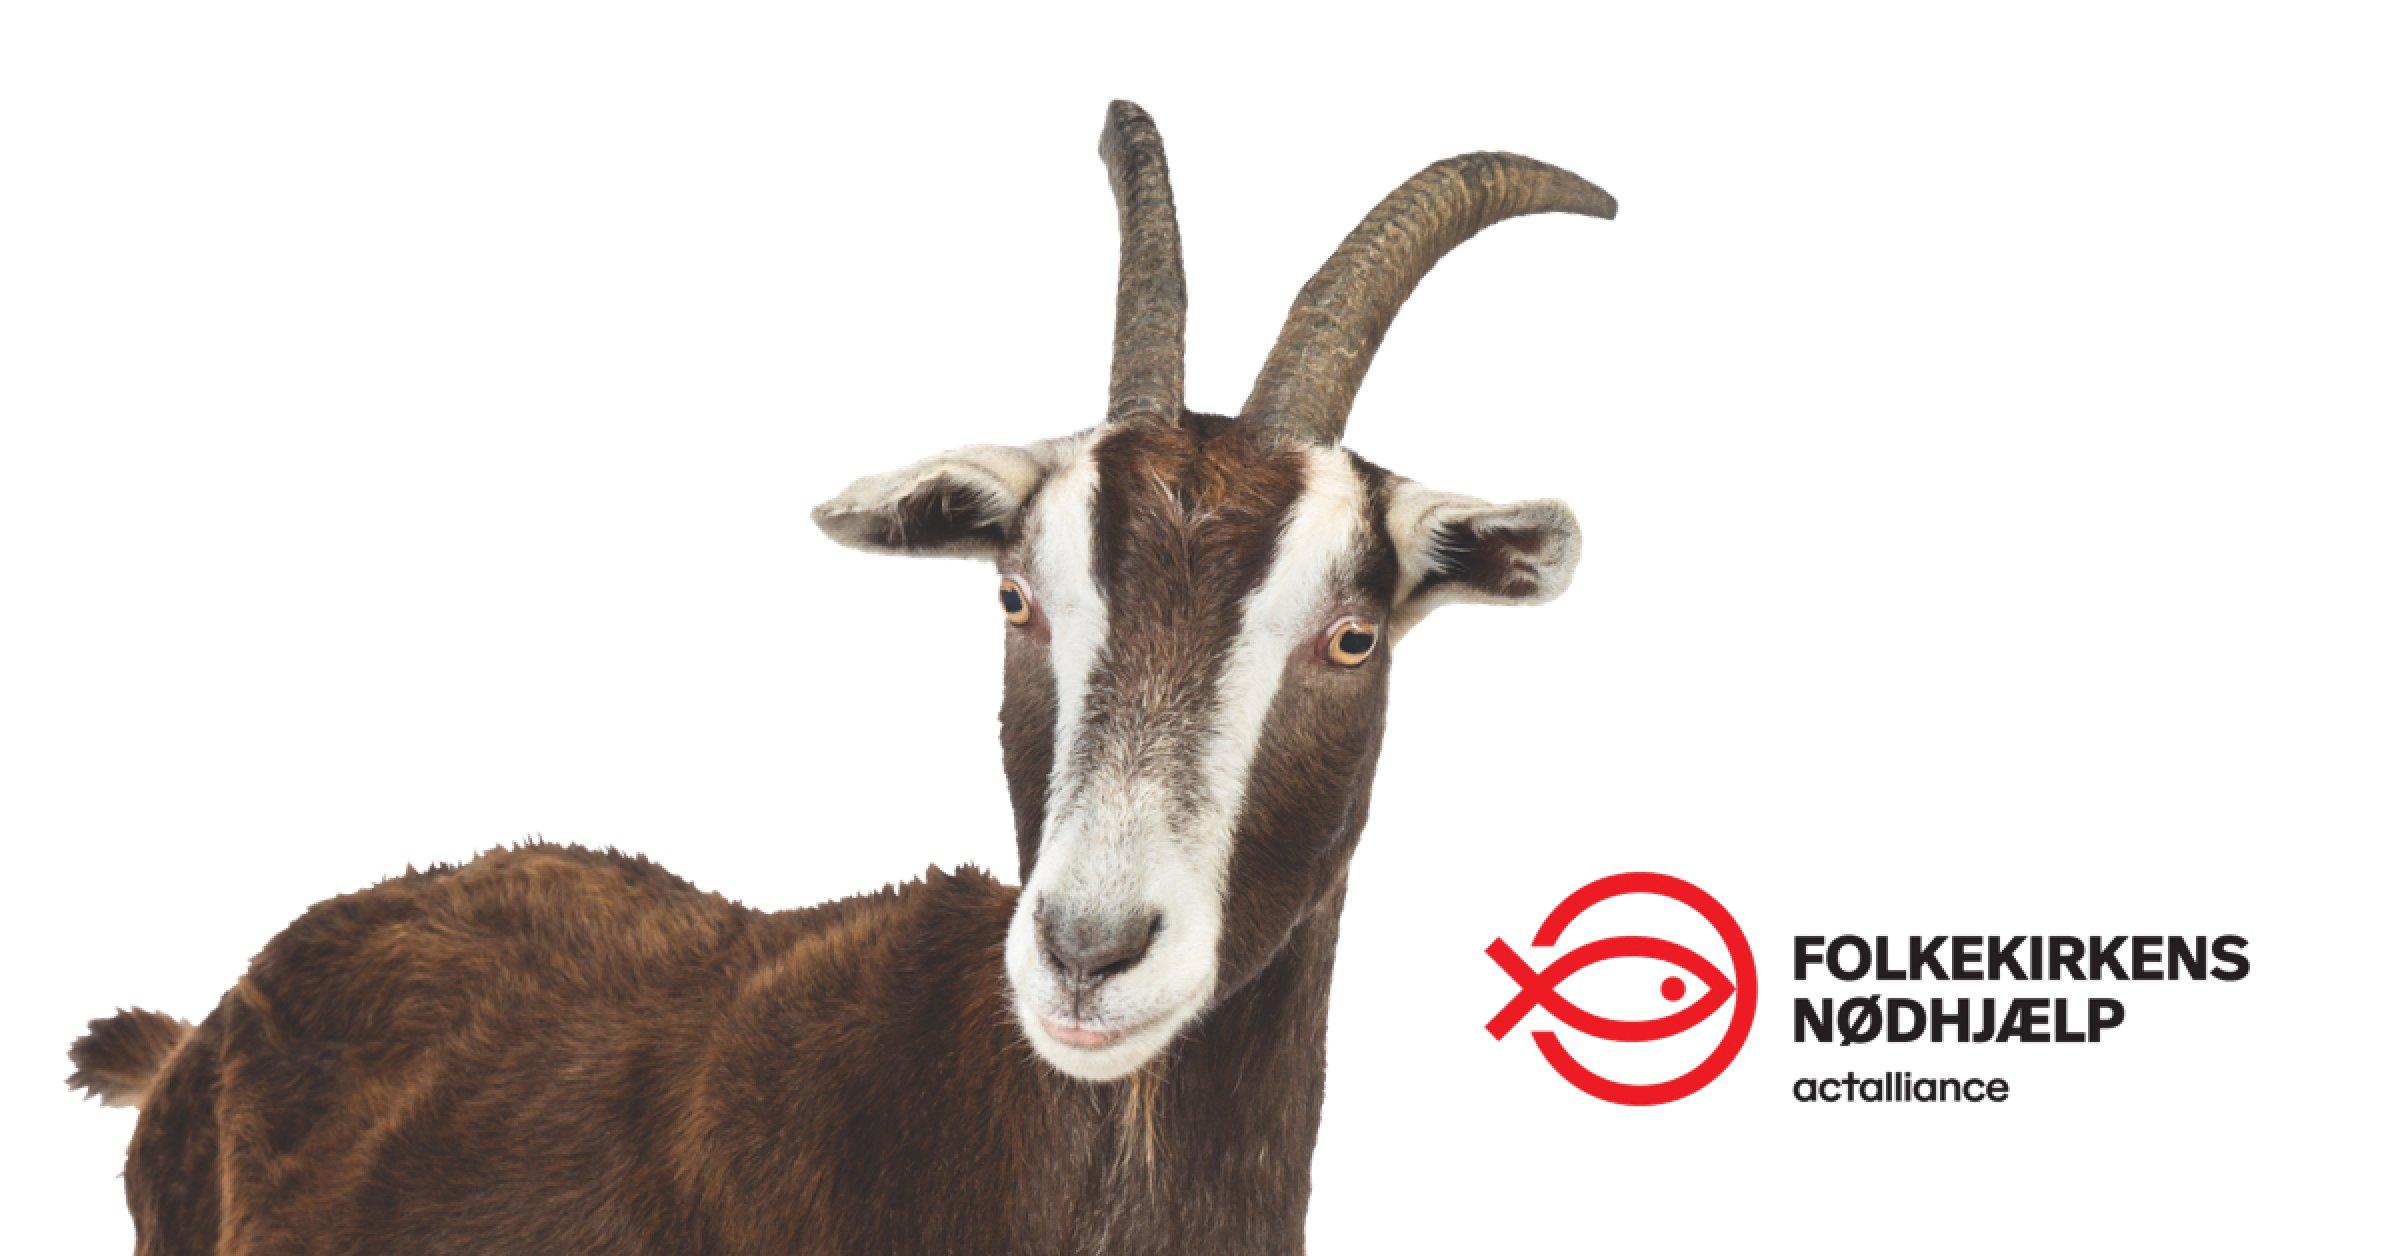 dd2c8b327ce Dansk firma giver geder fra Folkekirkens Nødhjælp i julegave   CSR.dk